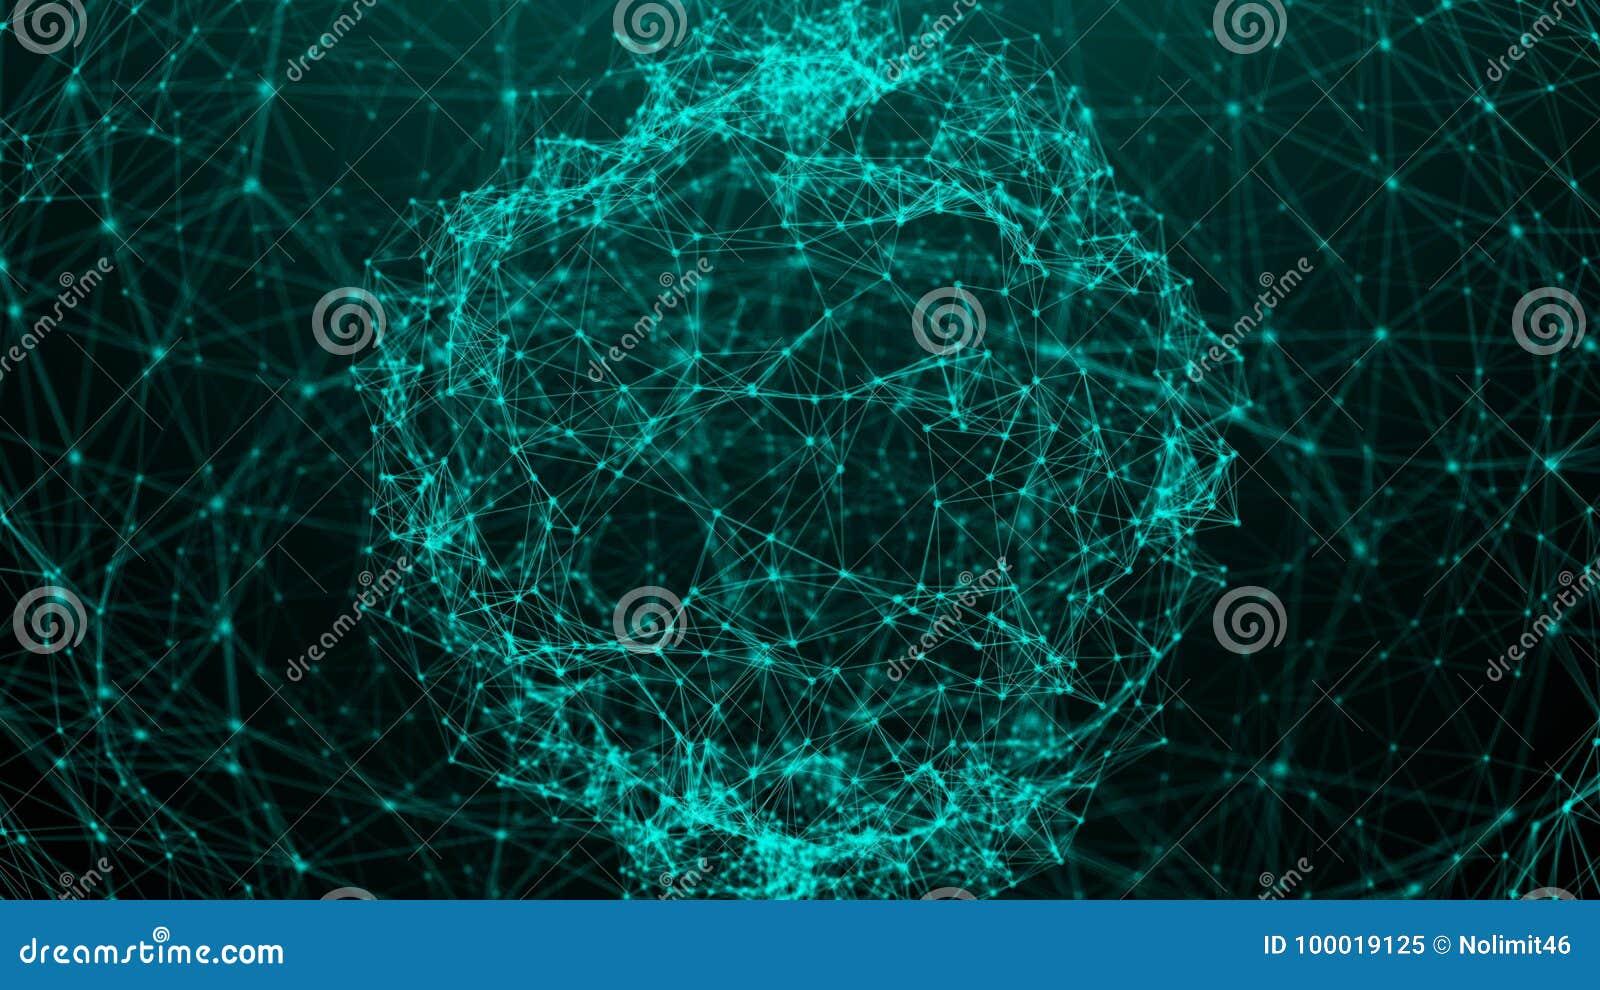 Fondo abstracto con los puntos de la conexión esfera digital